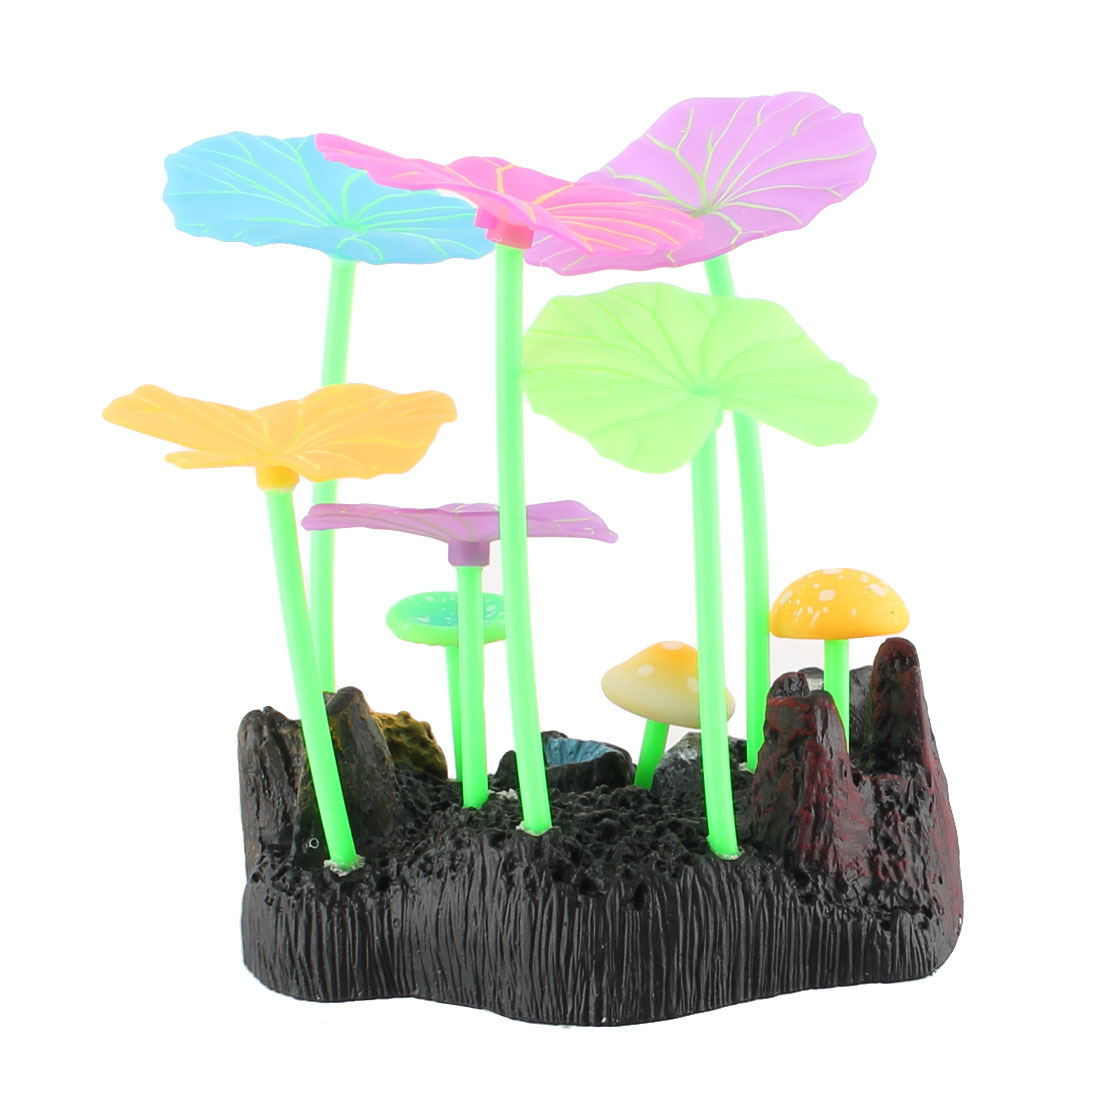 Aquarium Fish Tank Artificial Emulation Landscape Plant Decoration Colorful